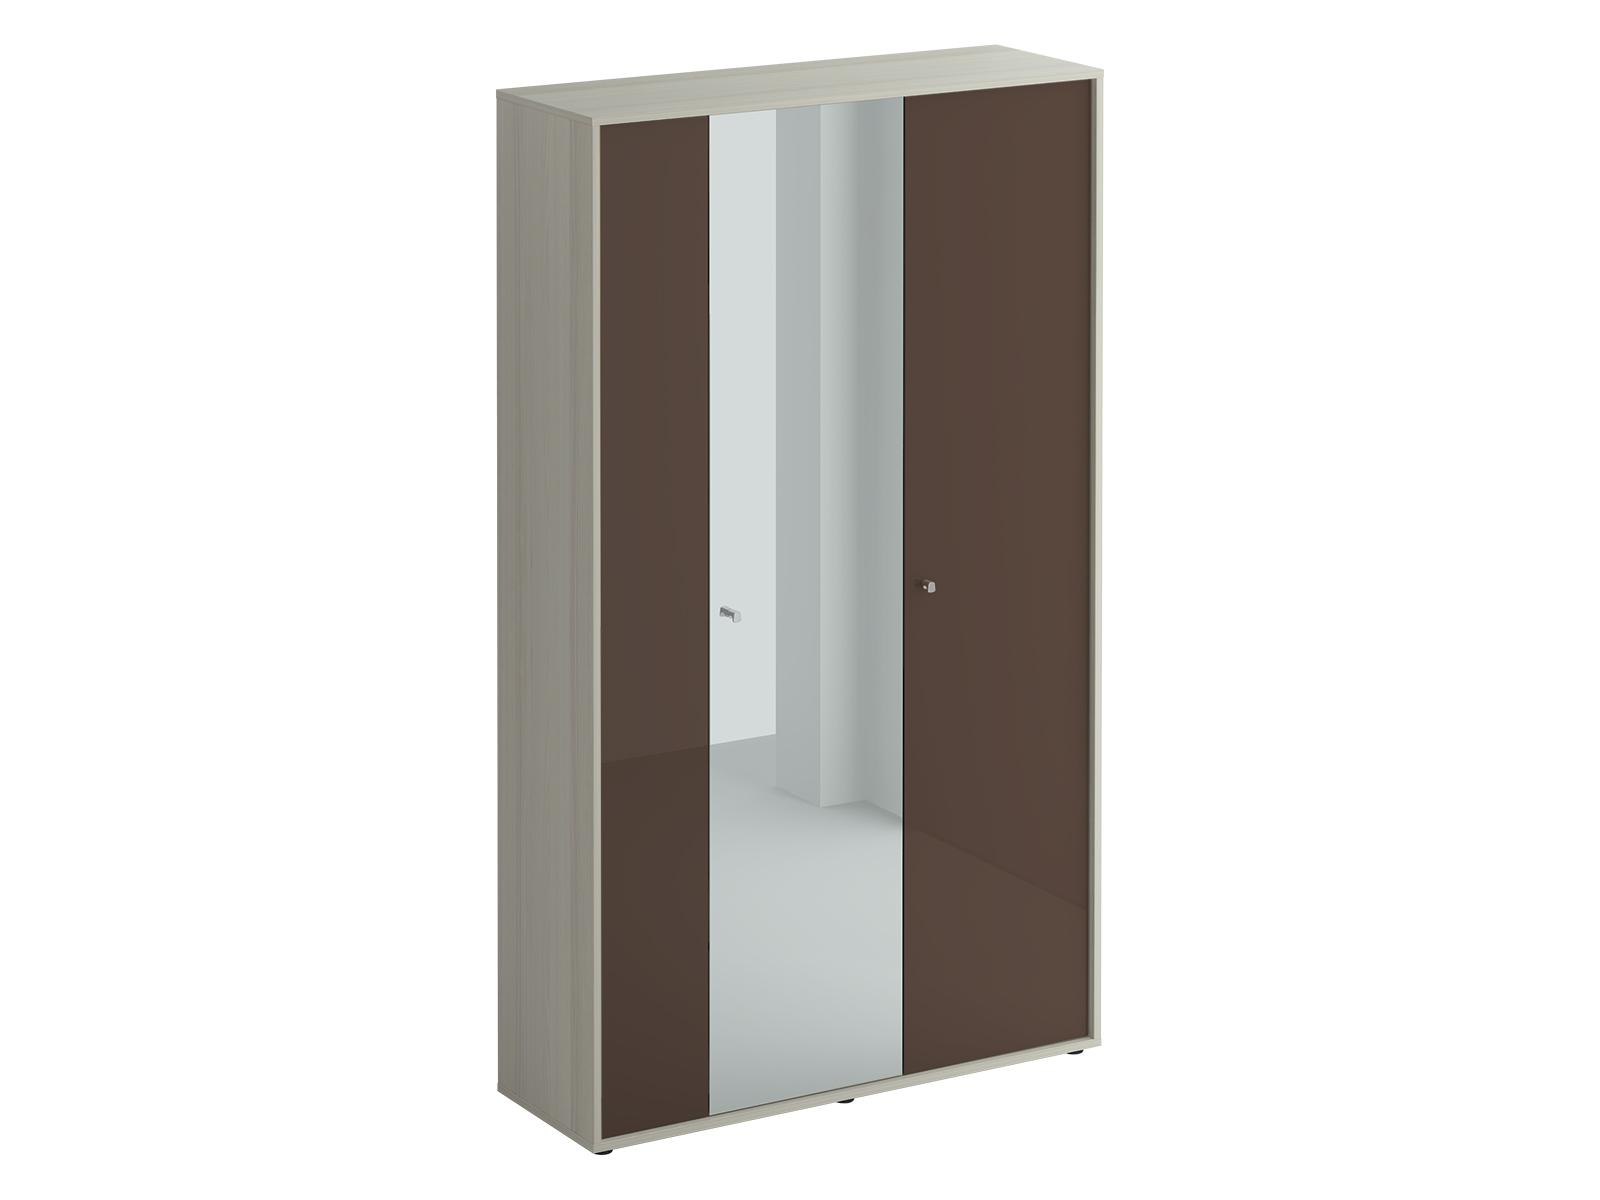 Шкаф трехдверный LatteПлатяные шкафы<br>Шкаф трехдверный. Шкаф стостоит из двух отделений. В большом отделении за двумя распашными дверцами расположены выдвижная штанга для одежды и две полки. В правом отделении расположены 5 полок. Шкаф крепится к стене.<br><br>Material: ДСП<br>Width см: 112<br>Depth см: 37<br>Height см: 191